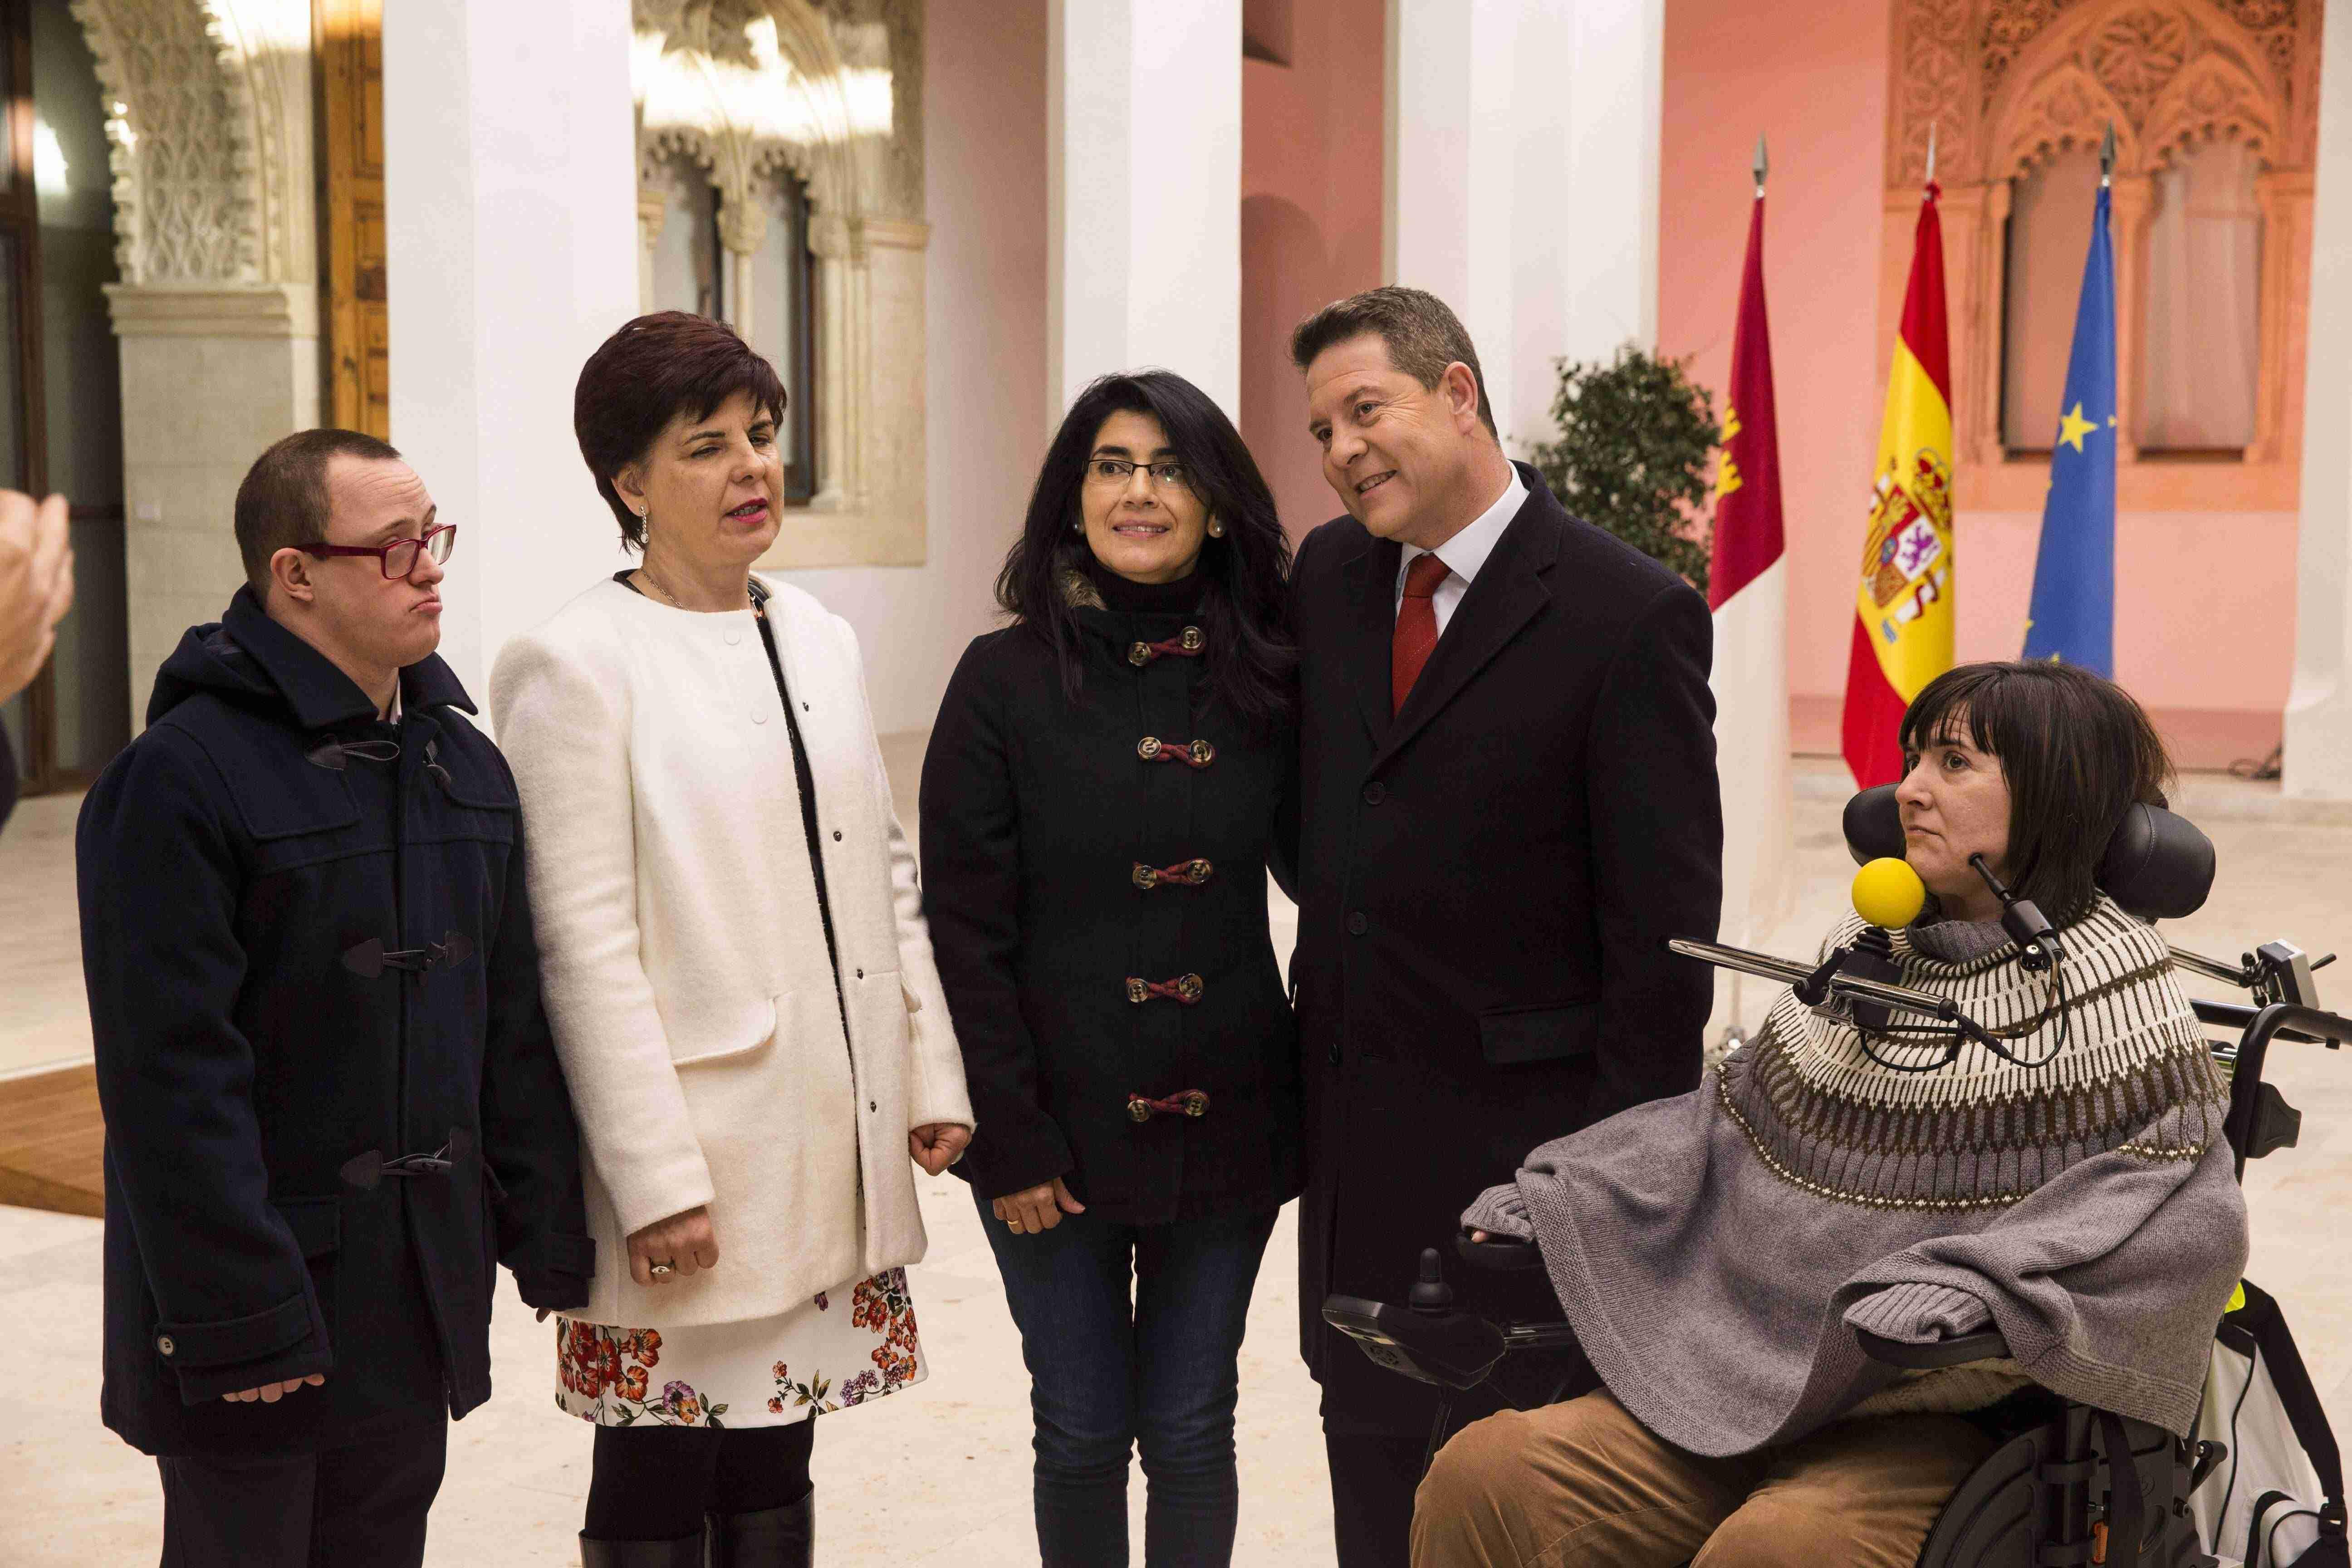 Mensaje de Año Nuevo del presidente de Castilla-La Mancha 11